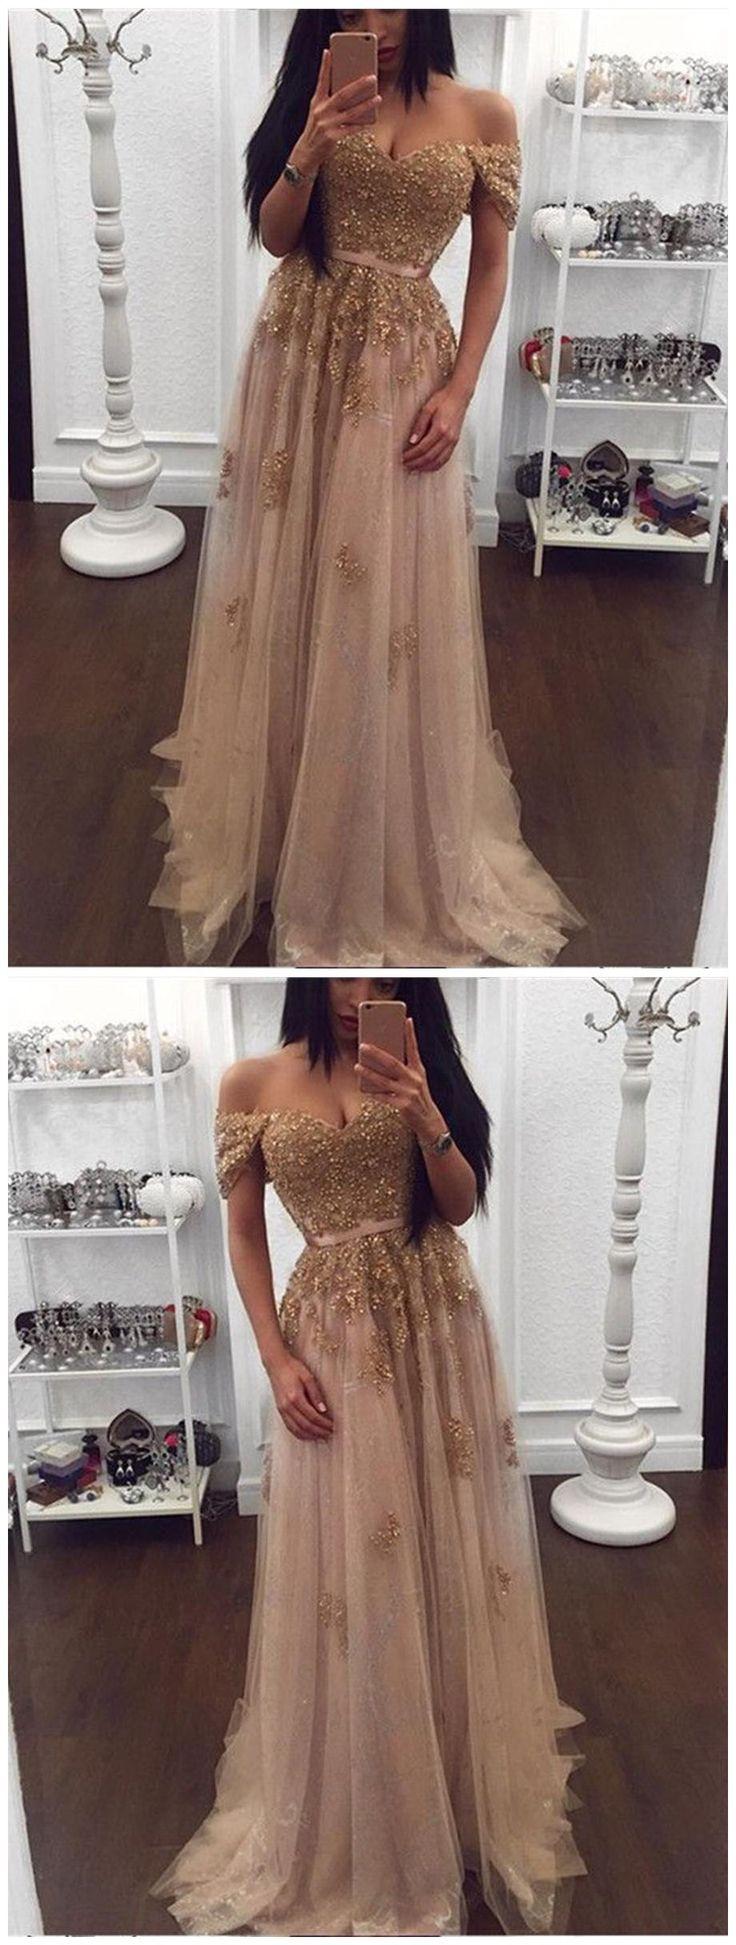 prom dresses 2018,gorgeous prom dresses,prom dresses unique,prom dresses elegant,prom dresses graduacion,prom dresses classy,prom dresses modest,prom dresses simple,prom dresses long,prom dresses for teens,prom dresses boho,prom dresses cheap,junior prom dresses,prom dresses flowy,beautiful prom dresses,prom dresses 啊line,prom dresses champagne,prom dresses appliqués #amyprom #prom #promdress #evening #eveningdress #dance #longdress #longpromdress #fashion #style #dress